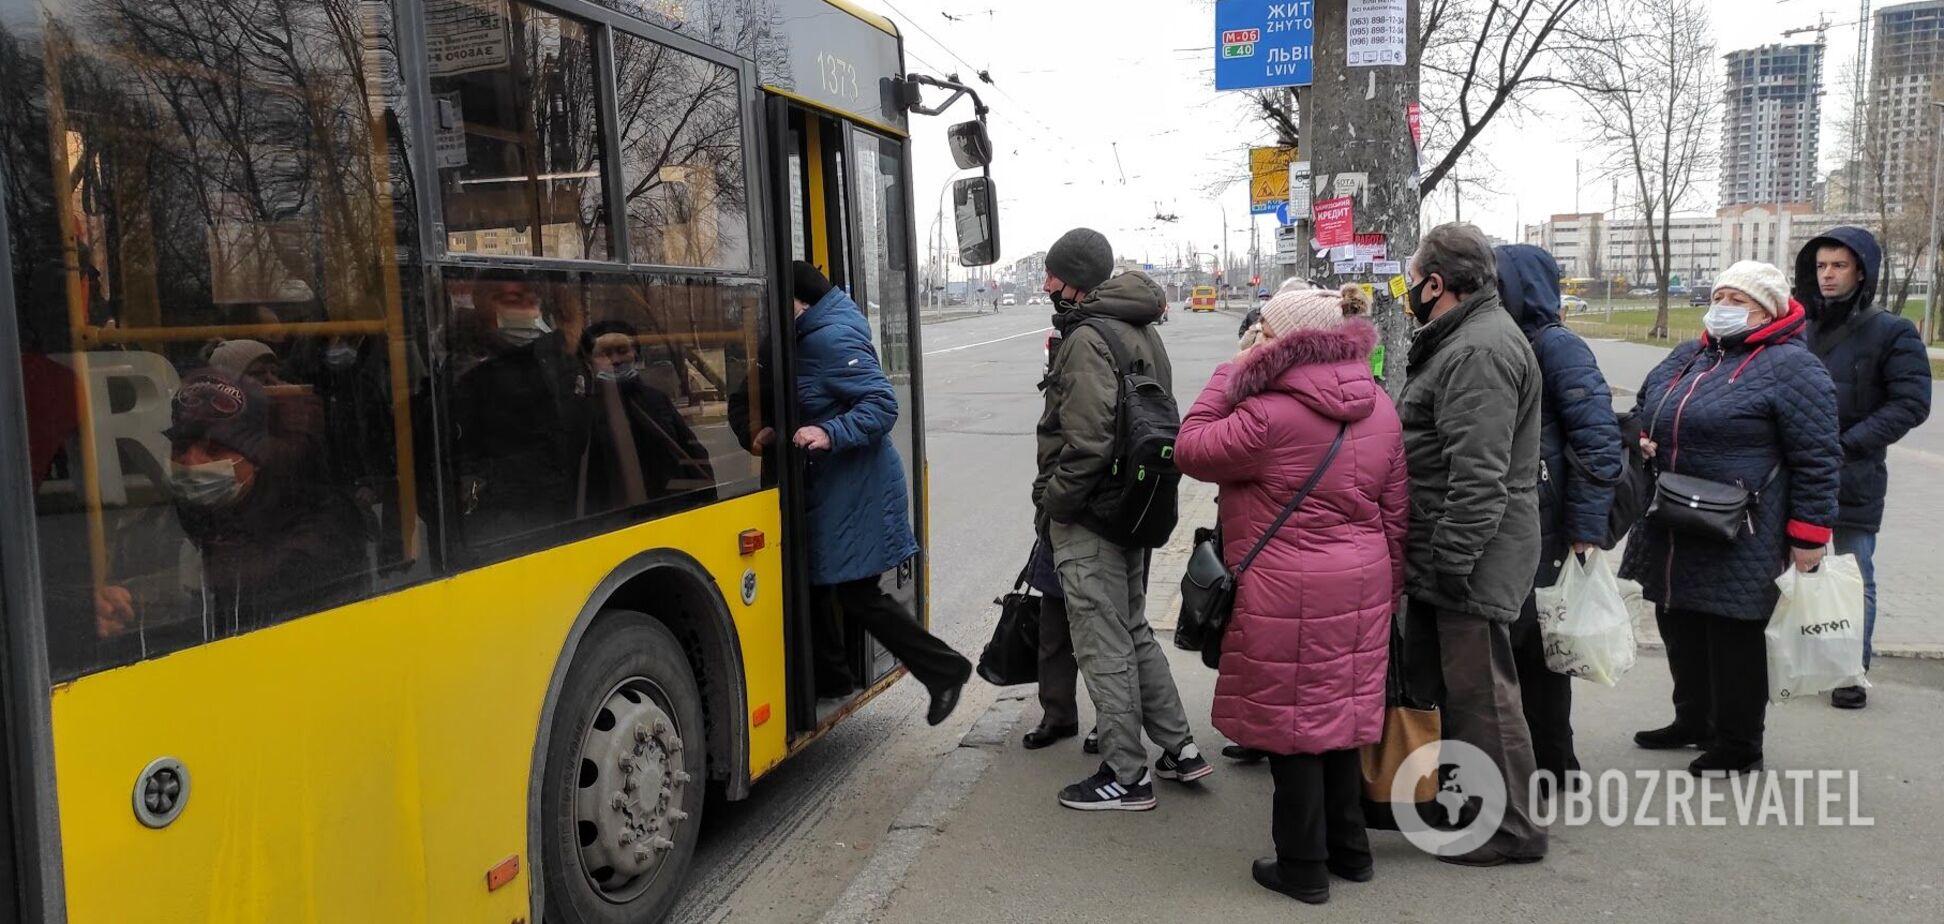 В Киеве вводят спецпропуска на проезд: в КГГА озвучили подробности